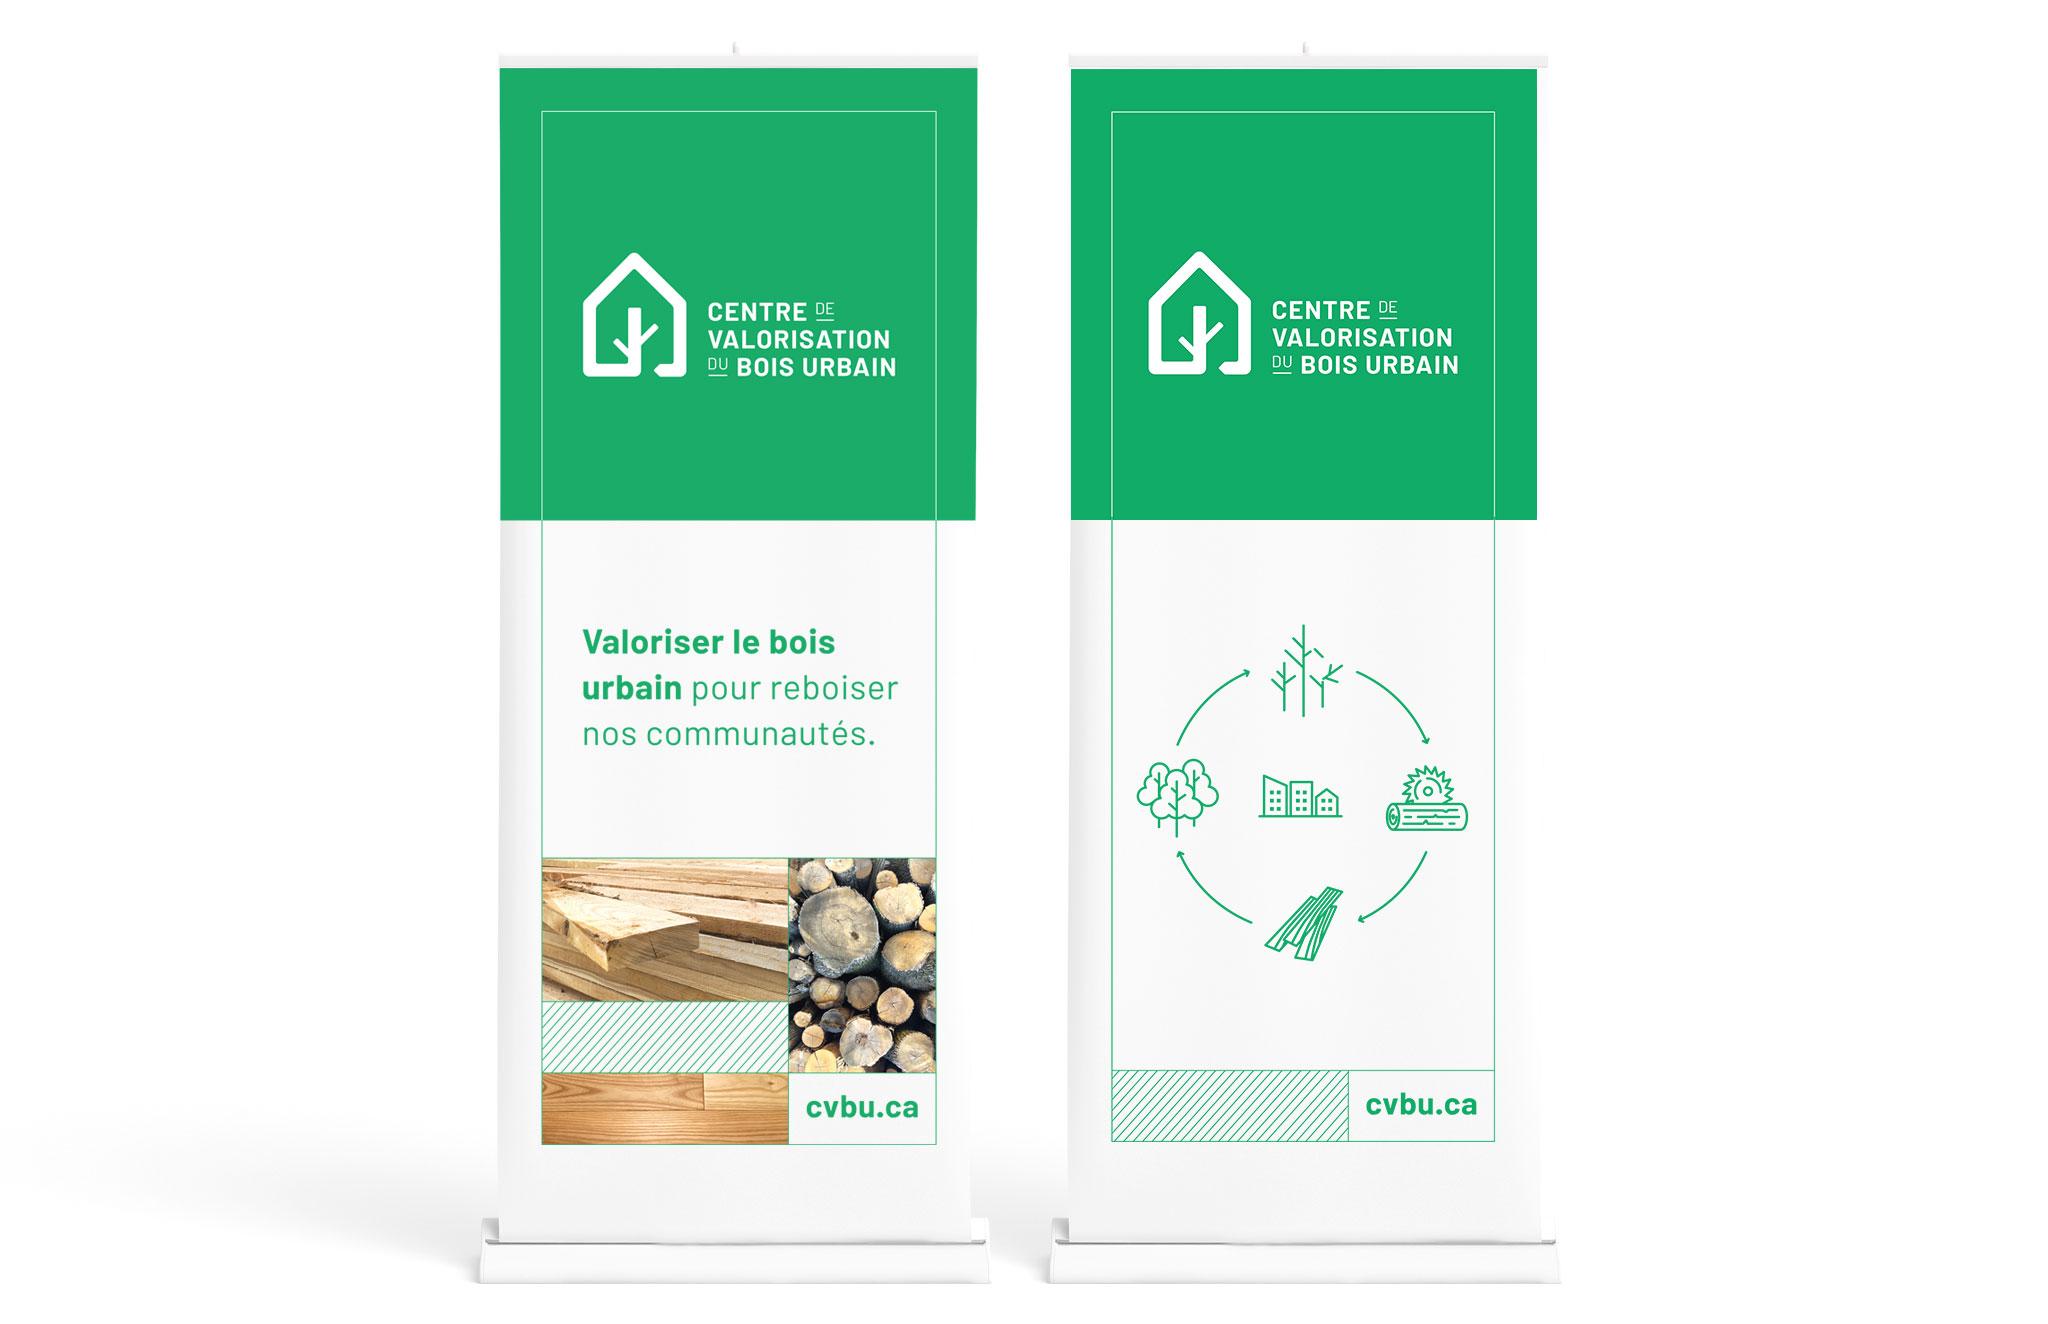 Nouvelle identité visuelle, logo, papeterie, bannière autoportante du Centre de valorisation du bois urbain.